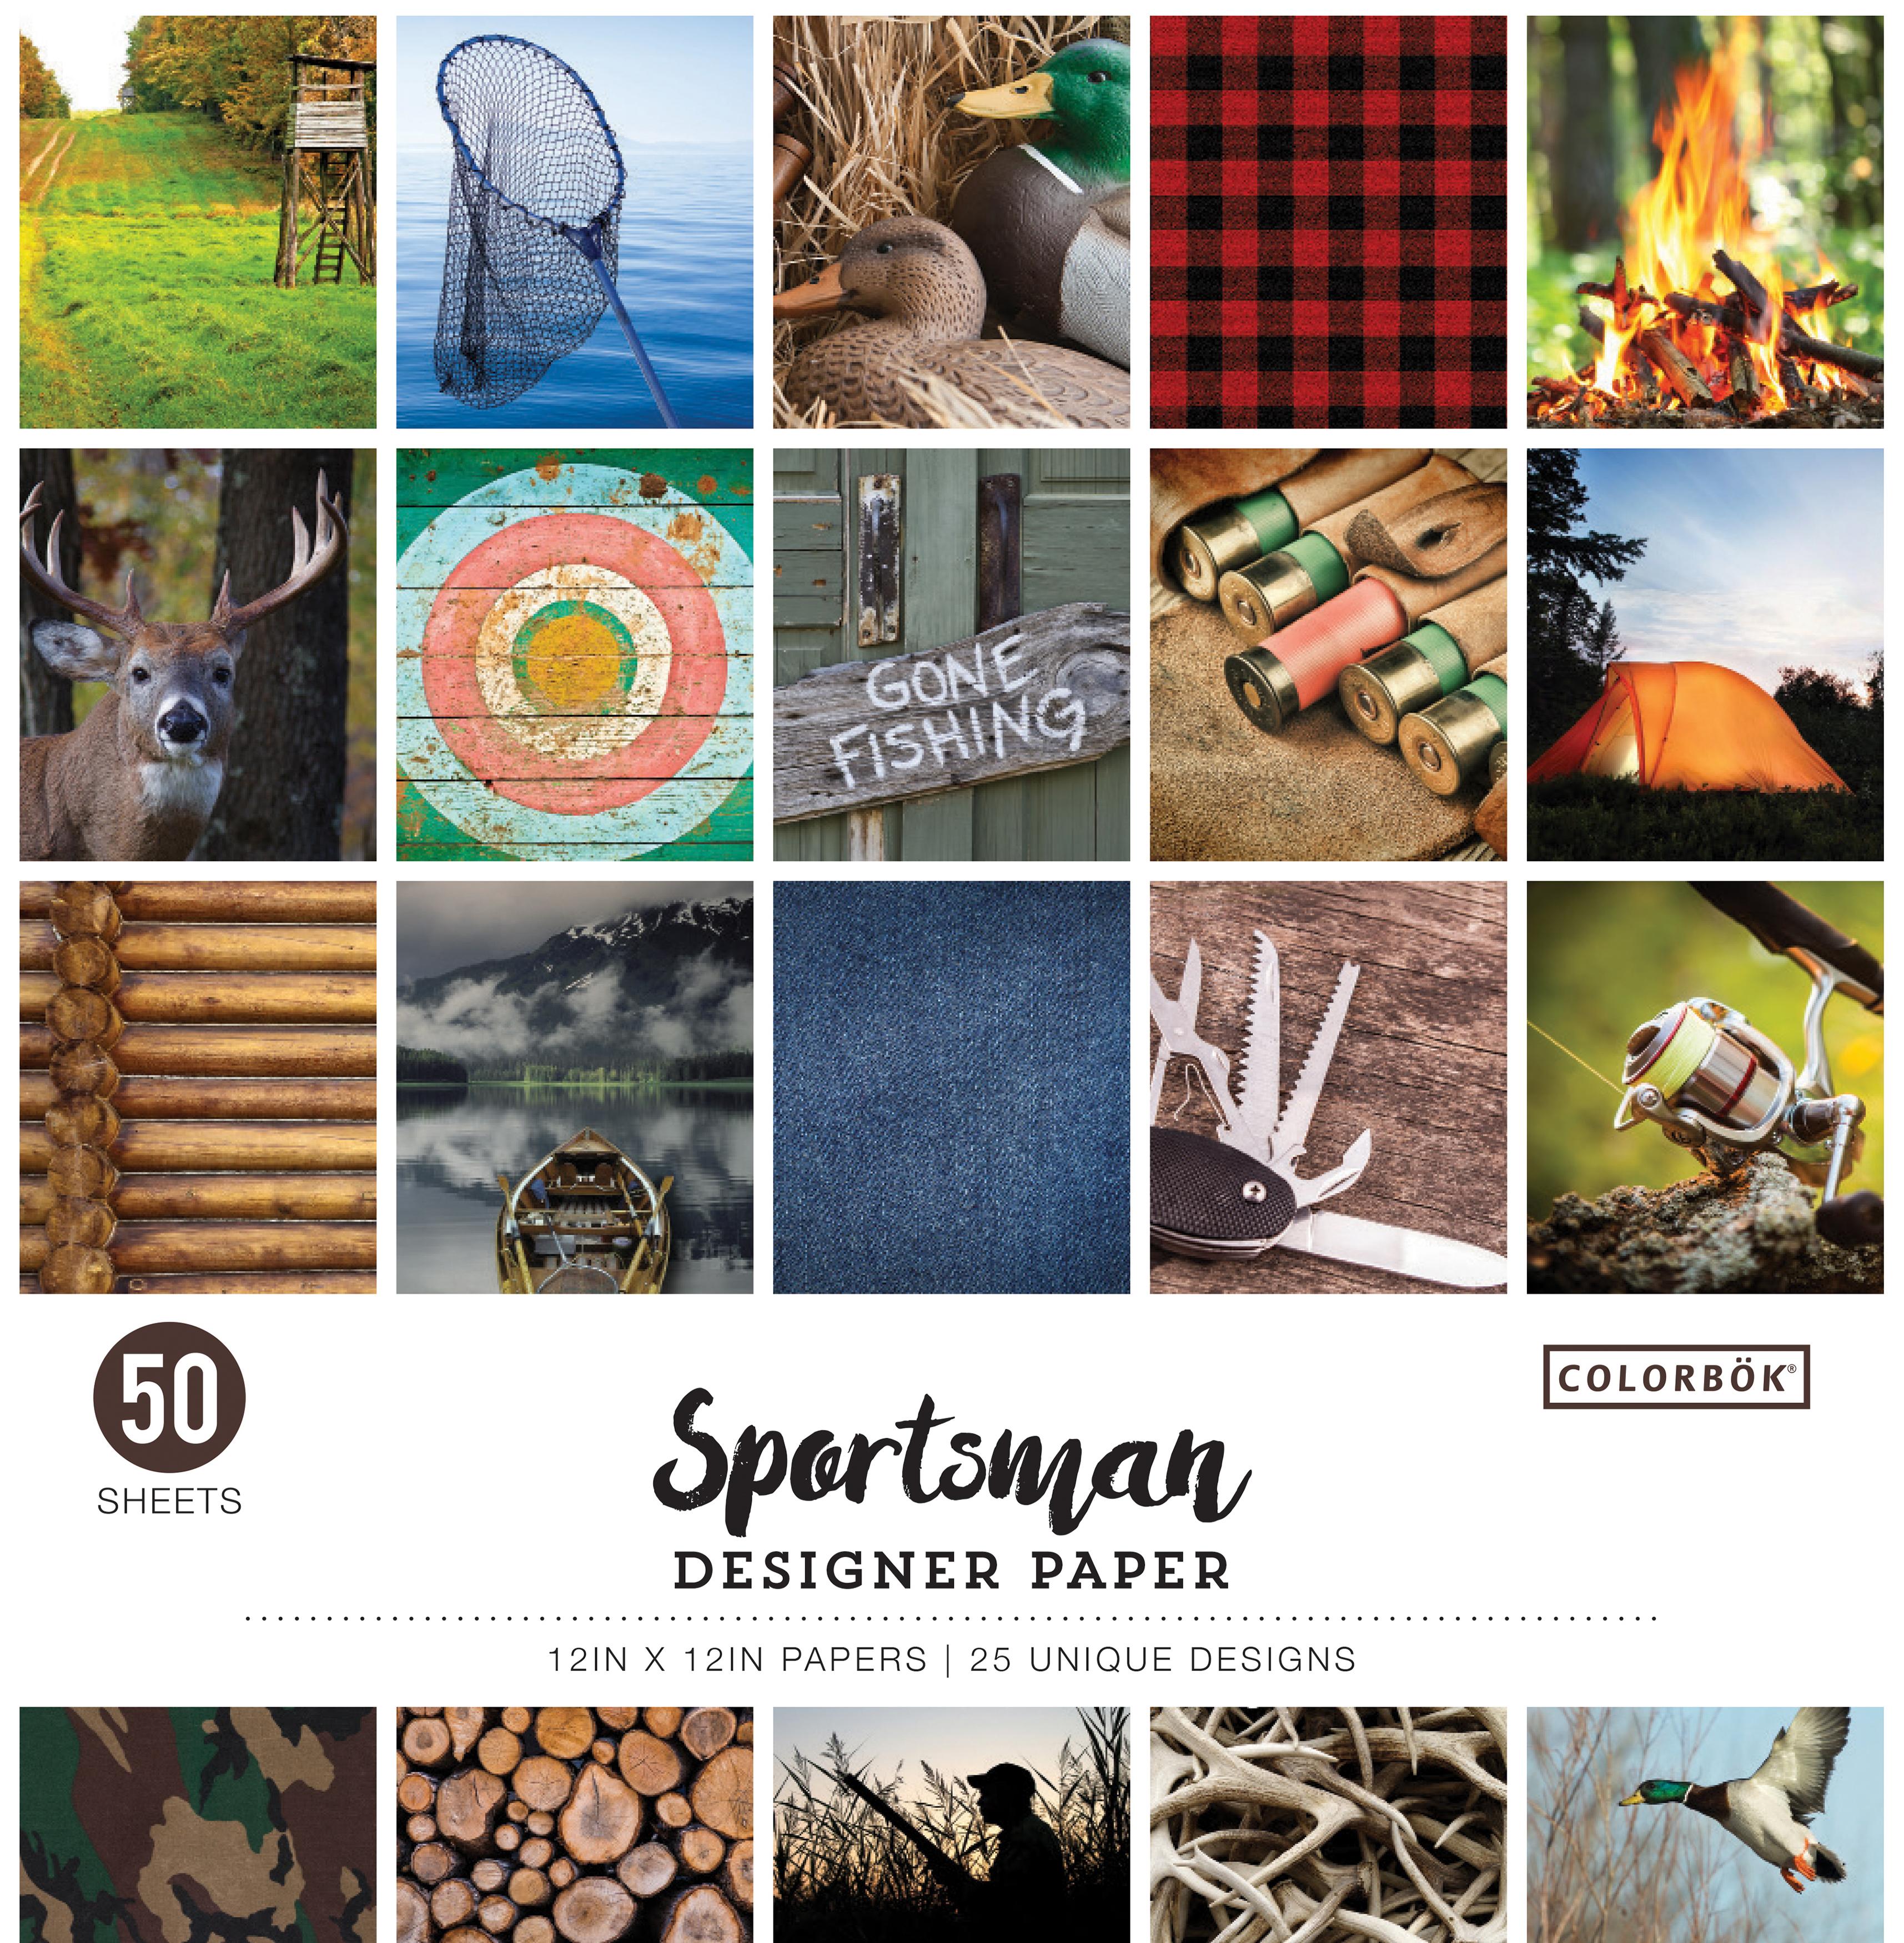 Colorbok 68lb Designer Single-Sided Paper 12X12 50/Pkg-Sportsman, 25 Designs/2...